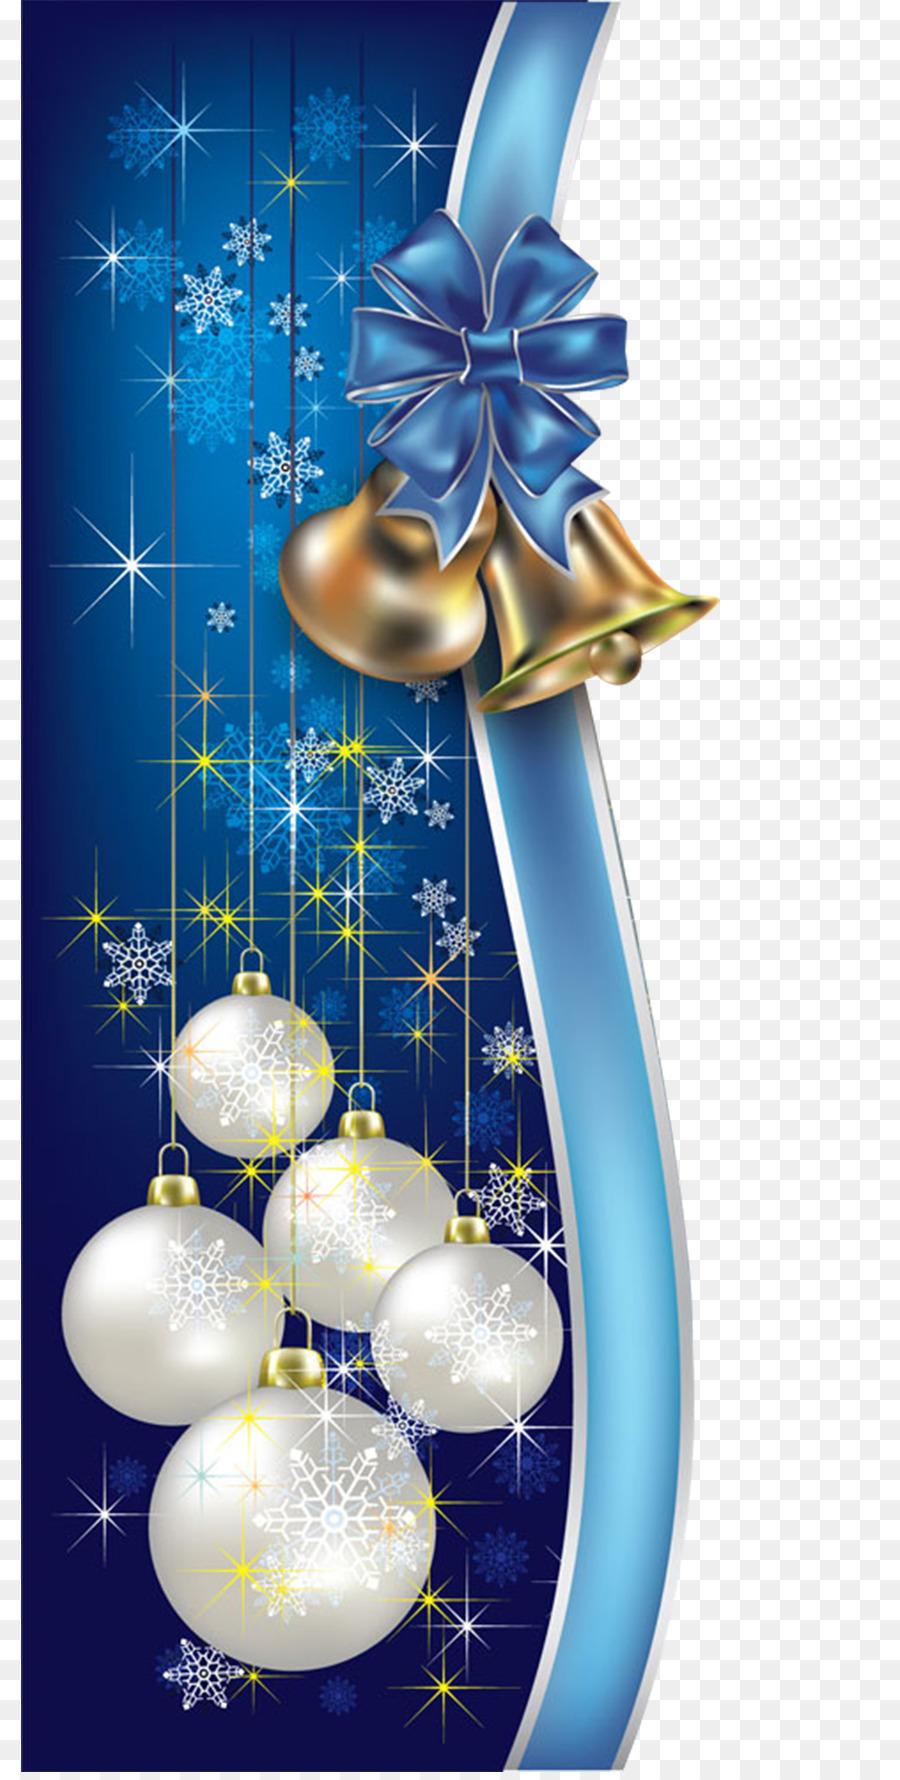 Descarga gratuita de Santa Claus, Vacaciones, La Navidad Imágen de Png